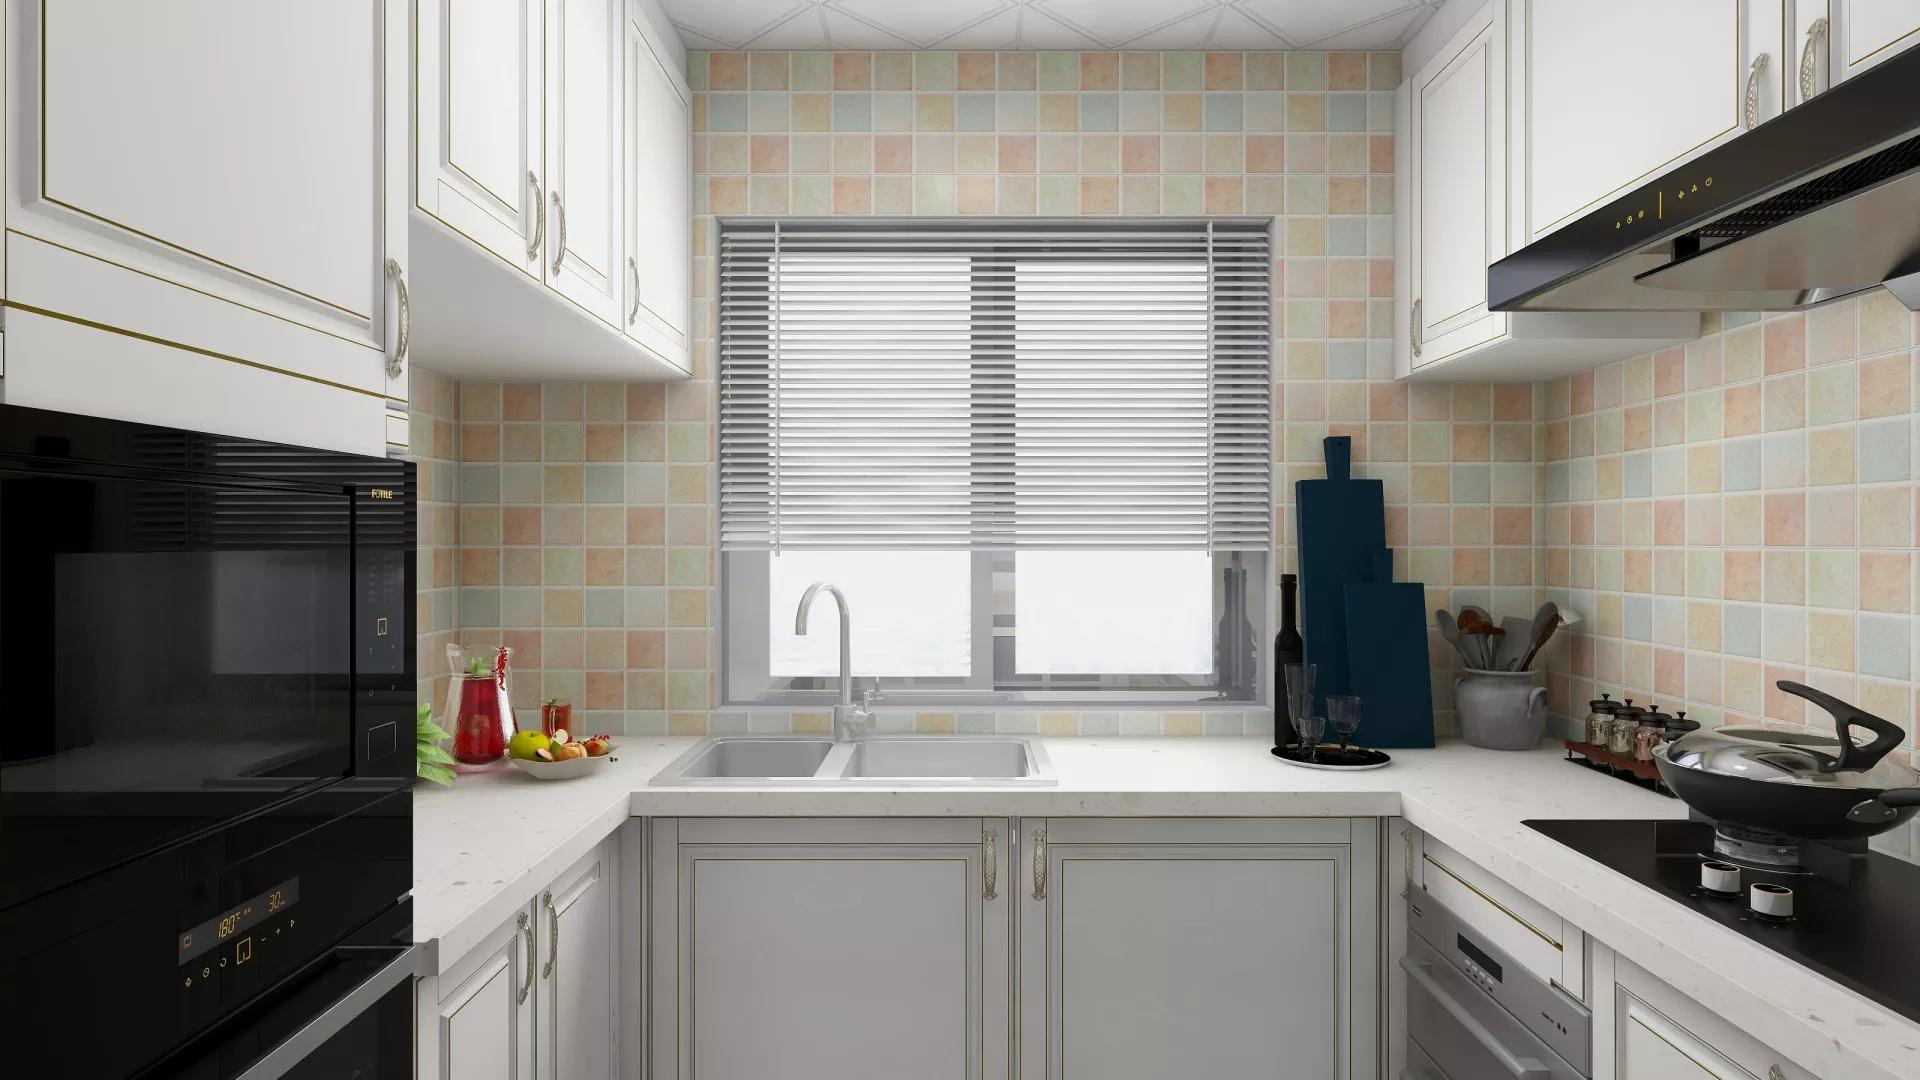 简约工业风格厨房装修效果图